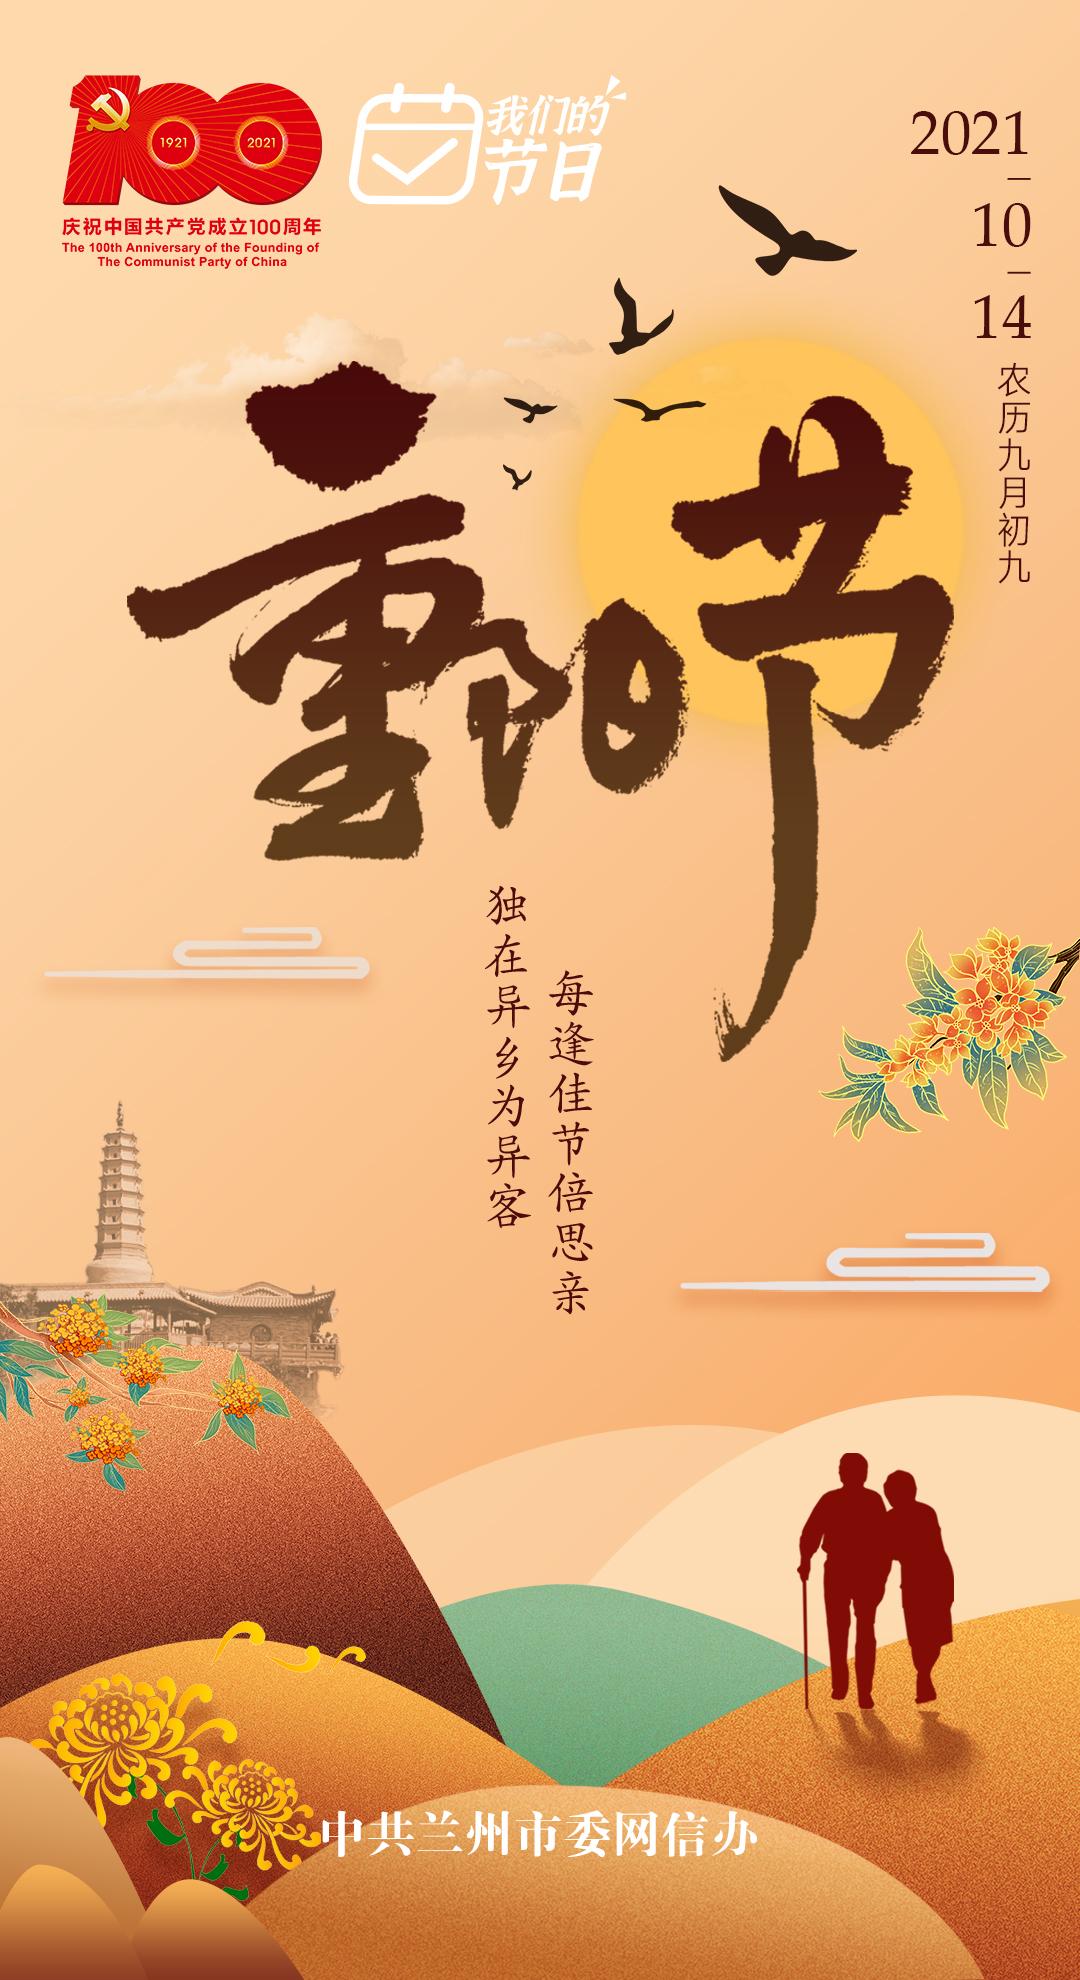 【网络中国节·重阳】遍插茱萸 孝亲敬老